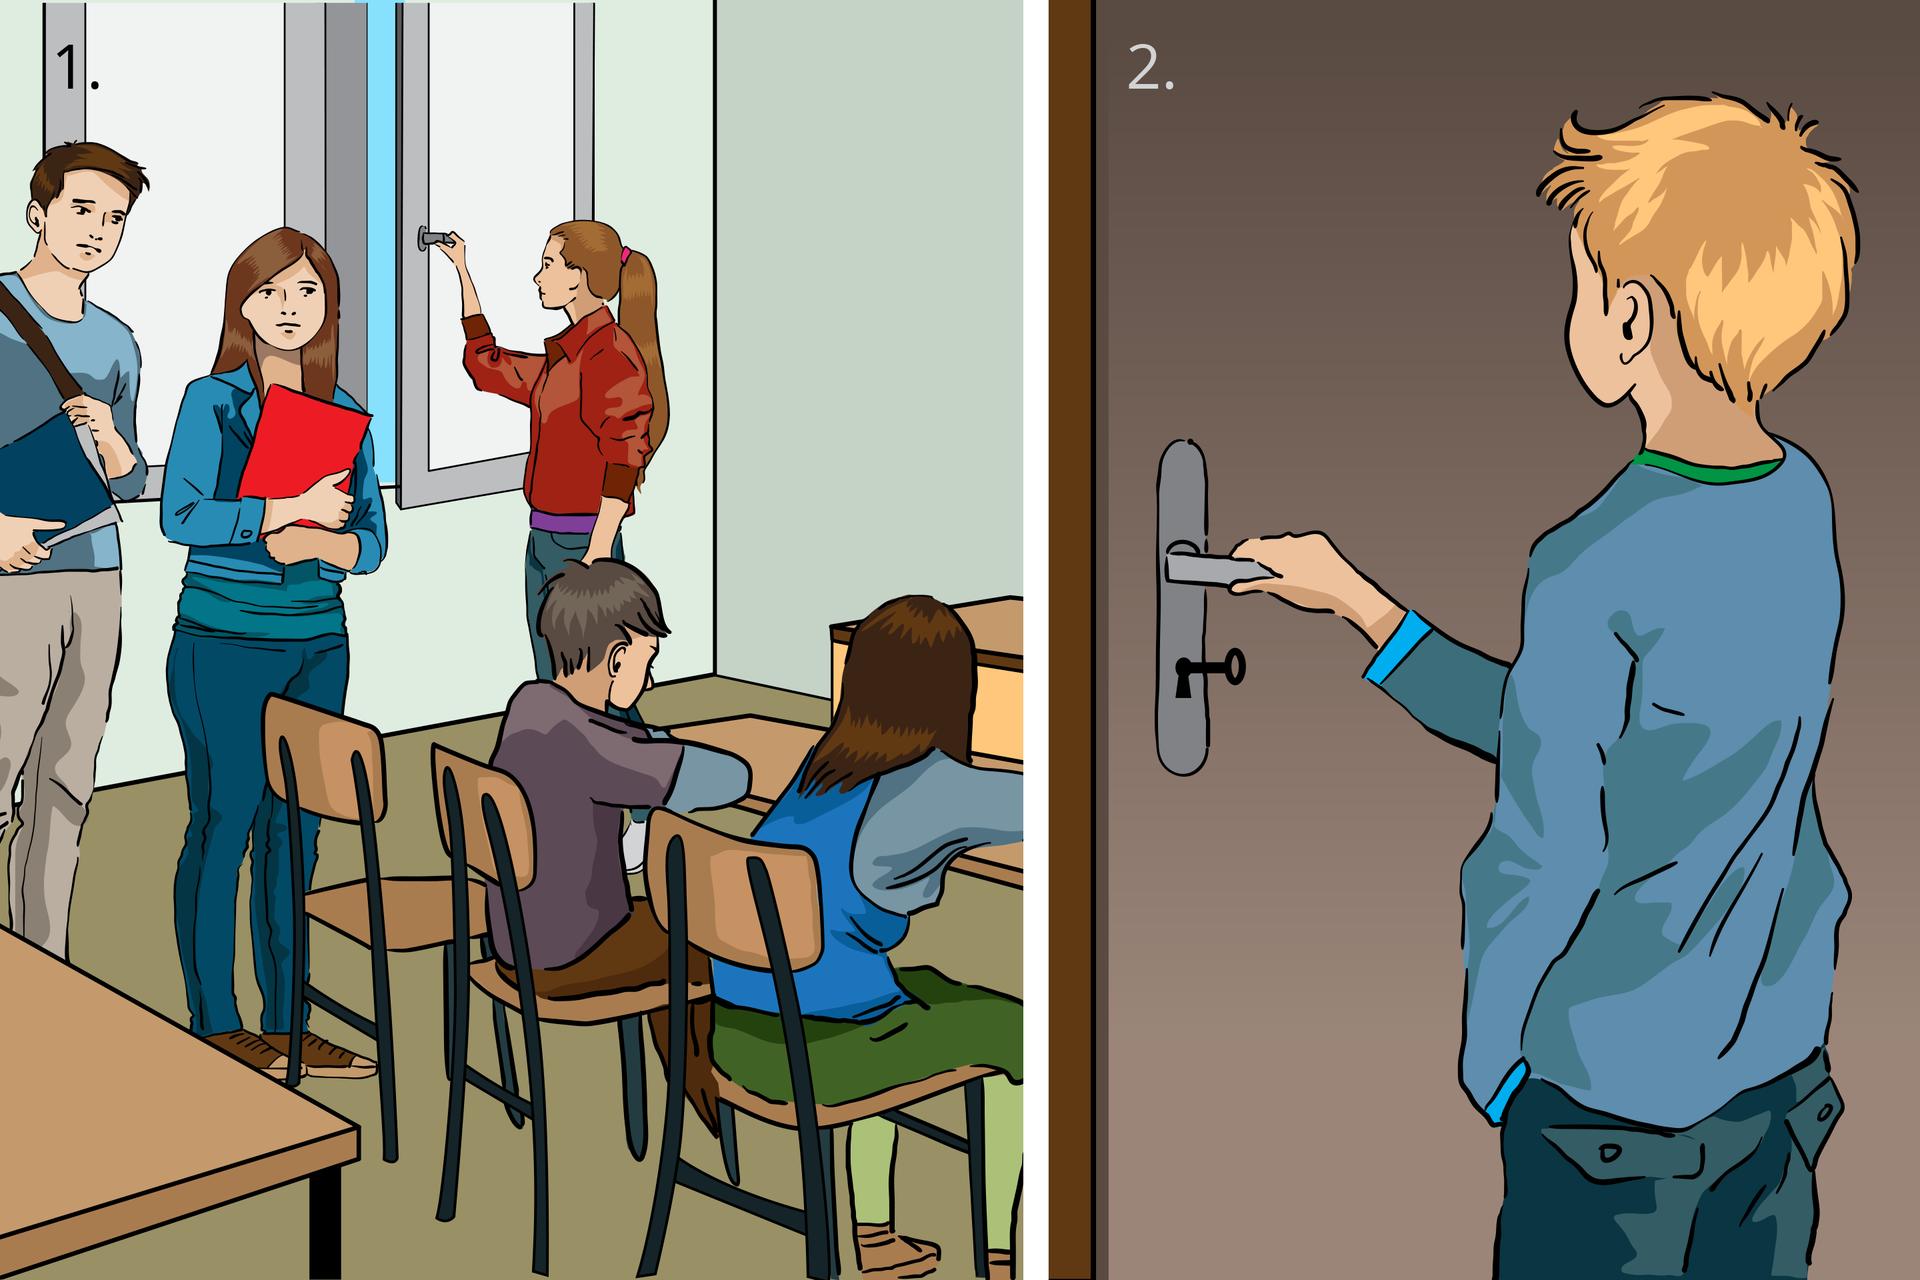 Pierwsze dwie zsiedmiu ilustracji stanowiących zestaw instrukcji postępowania wczasie ewakuacji budynku. Rysunek numer jeden znajdujący się od lewej stronie przedstawia wnętrze szkolnej klasy zpiątką uczniów wwieku około 15 lat. Po usłyszeniu komunikatu oewakuacji uczniowie przerywają zajęcia izbierają się do wyjścia. Stojąca przy oknie dziewczyna zamyka je. Na rysunku numer dwa po prawej stronie pokazano, jak ostatni zwychodzących uczniów zamyka drzwi klasy na klamkę, ale nie na klucz.